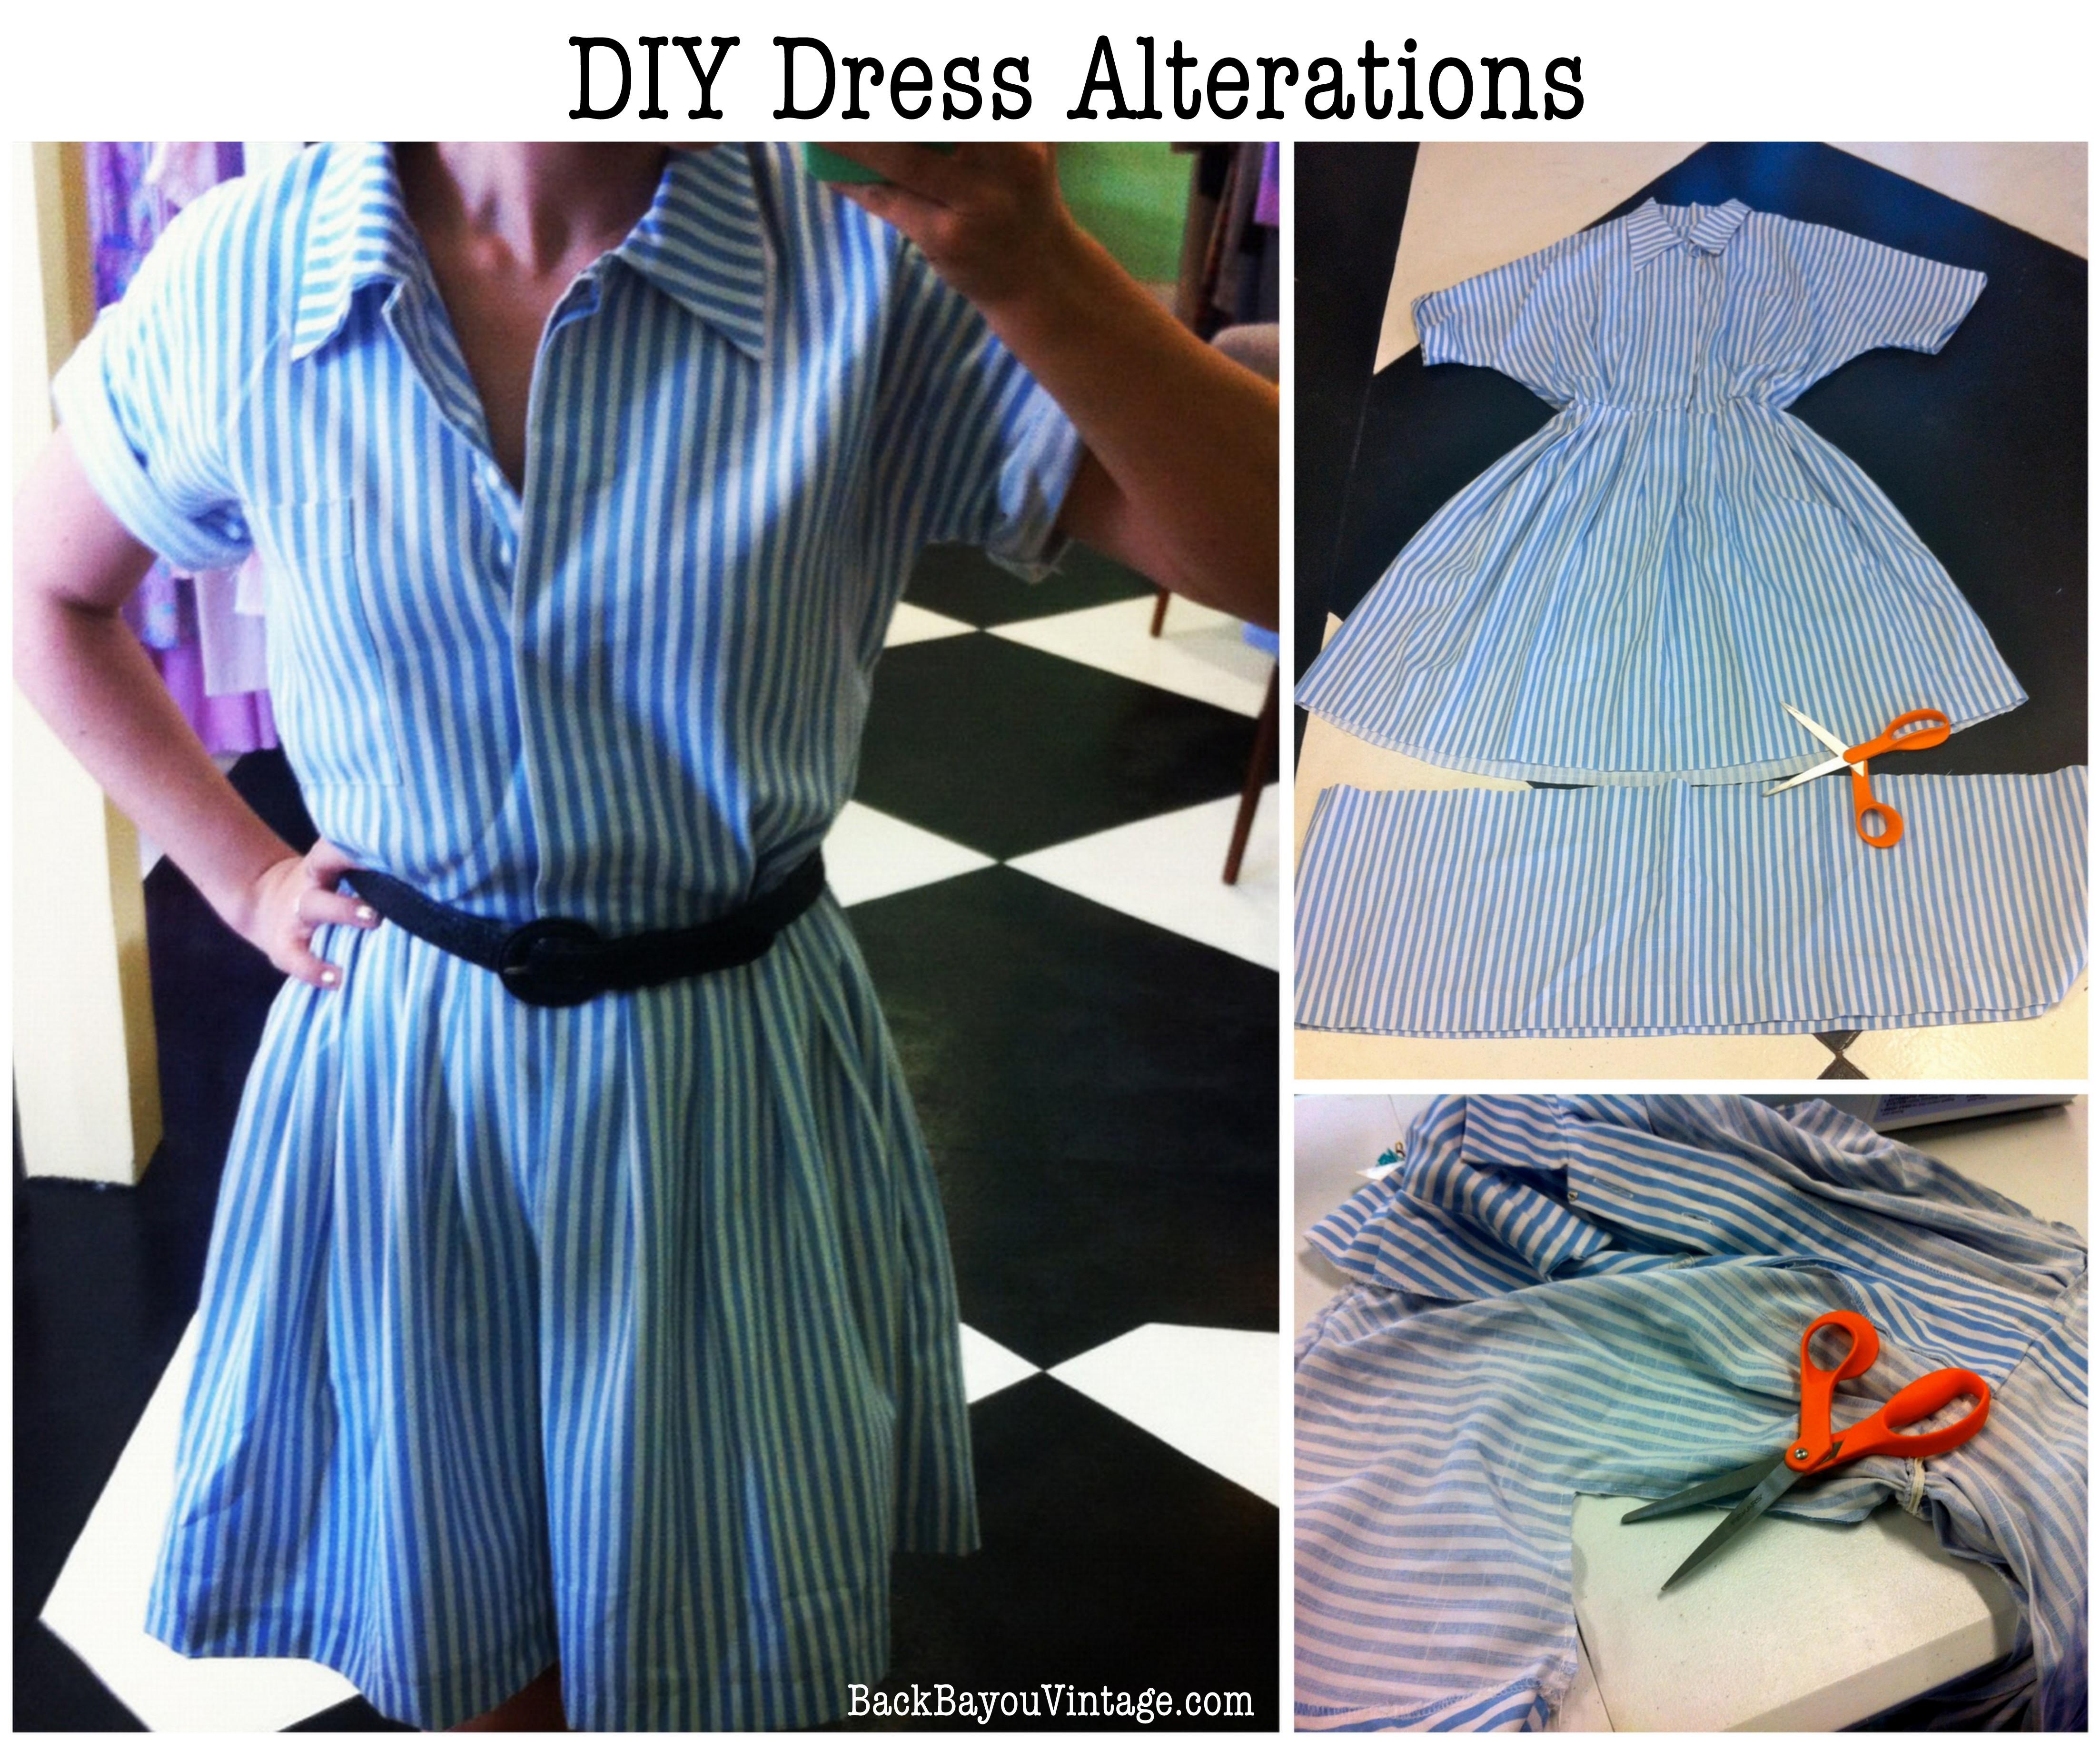 DIY Upcycled Vintage Dress | Back Bayou Vintage